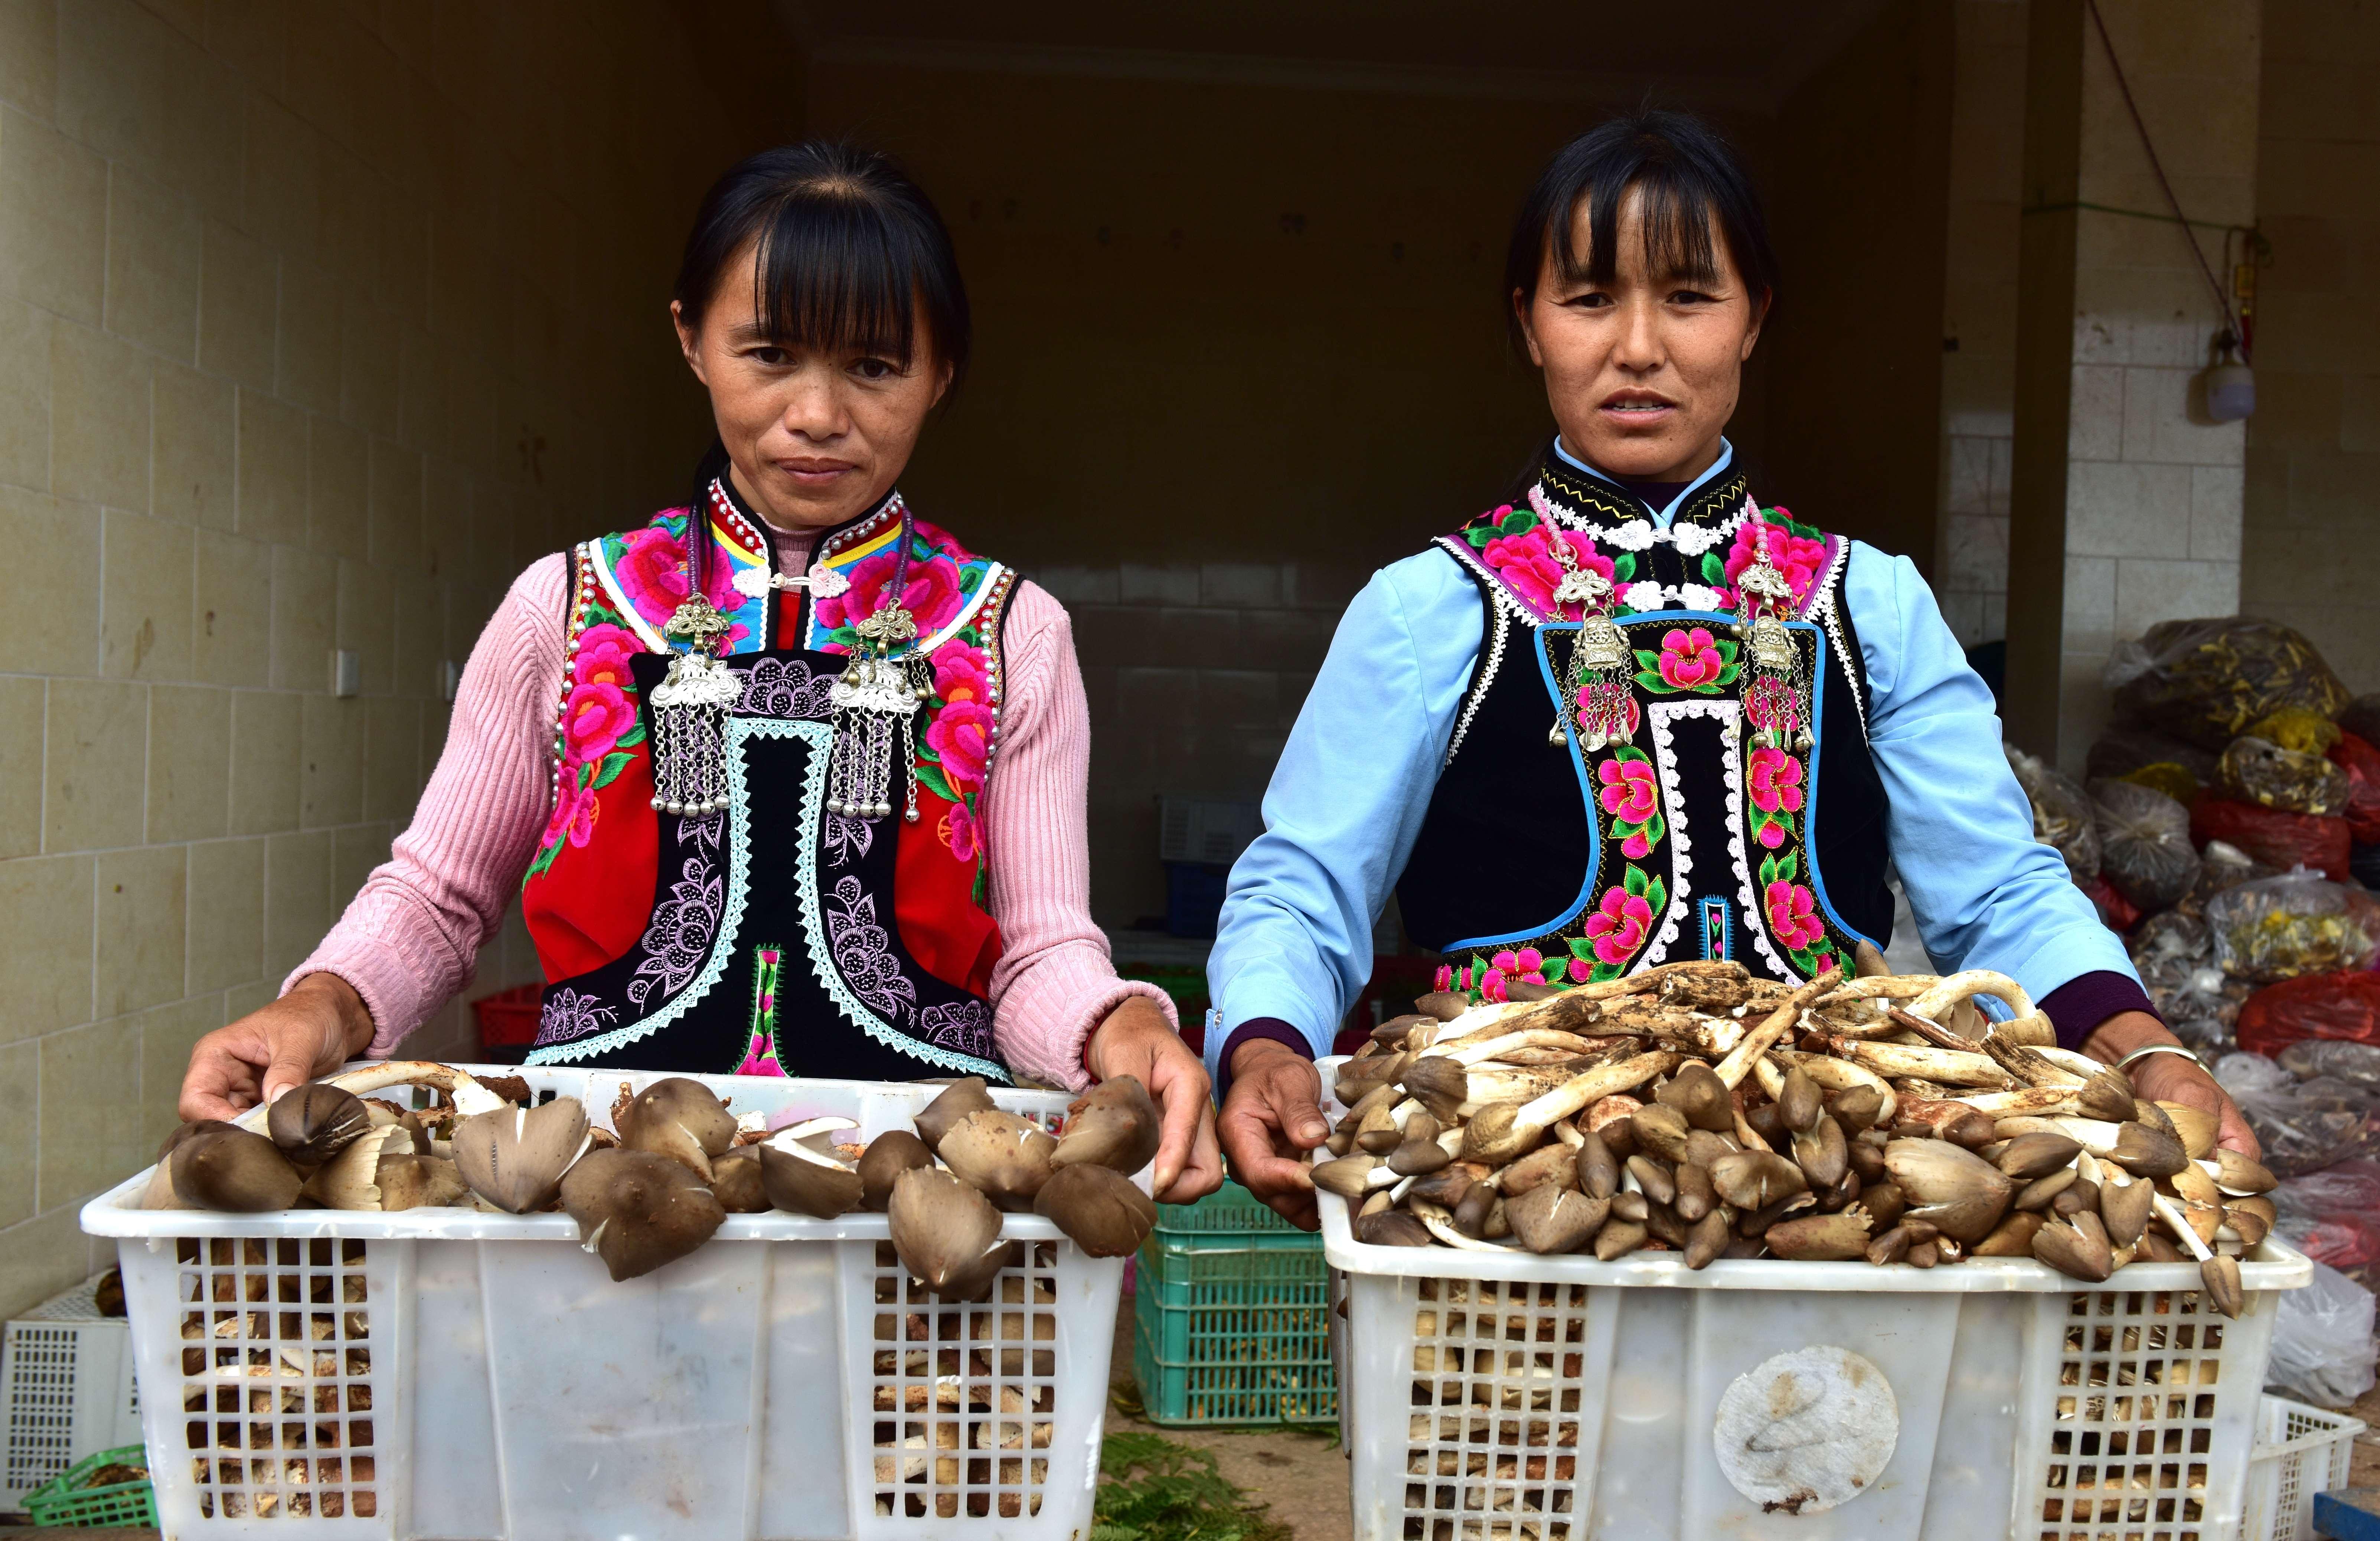 南华农户上山采摘新鲜野生菌增加收入